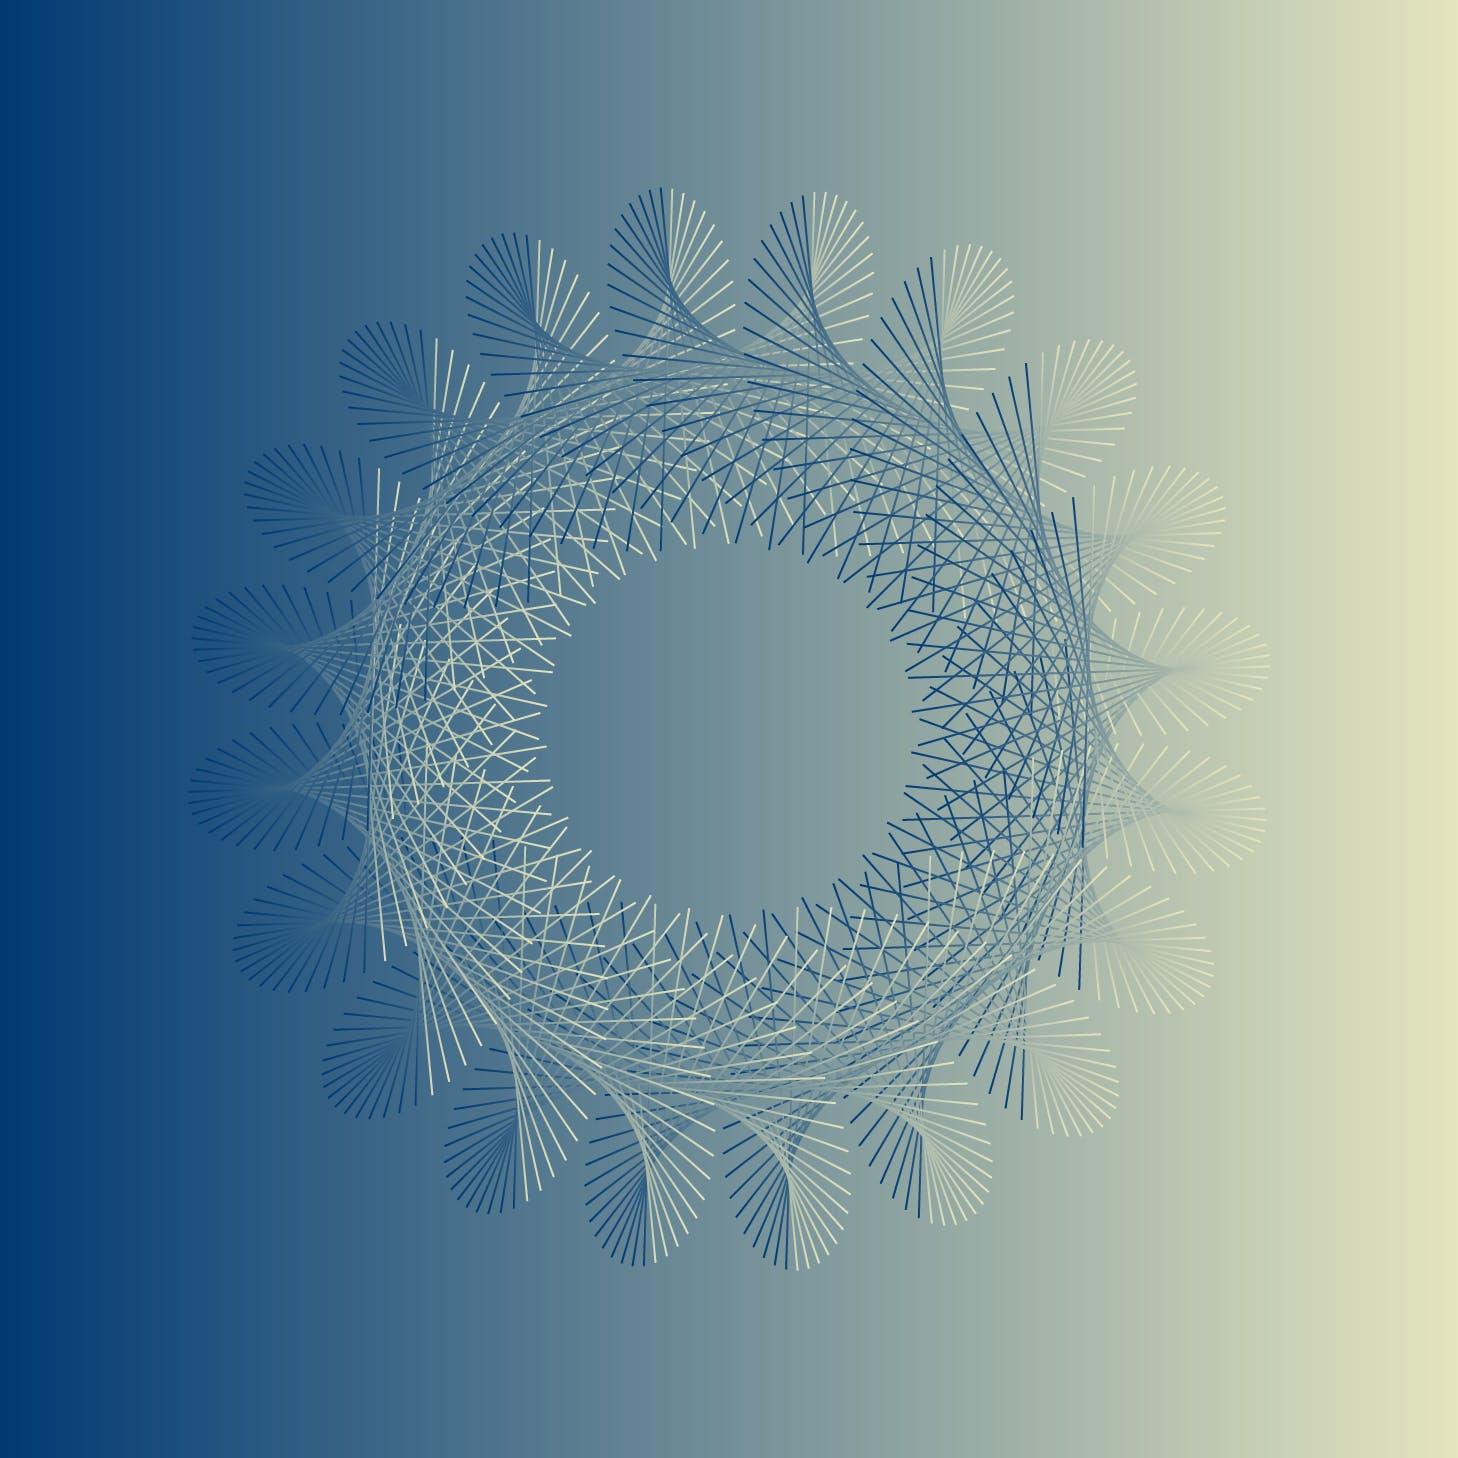 8款螺旋状线条网格矢量图案素材 Geometric Spiral Collection插图(7)